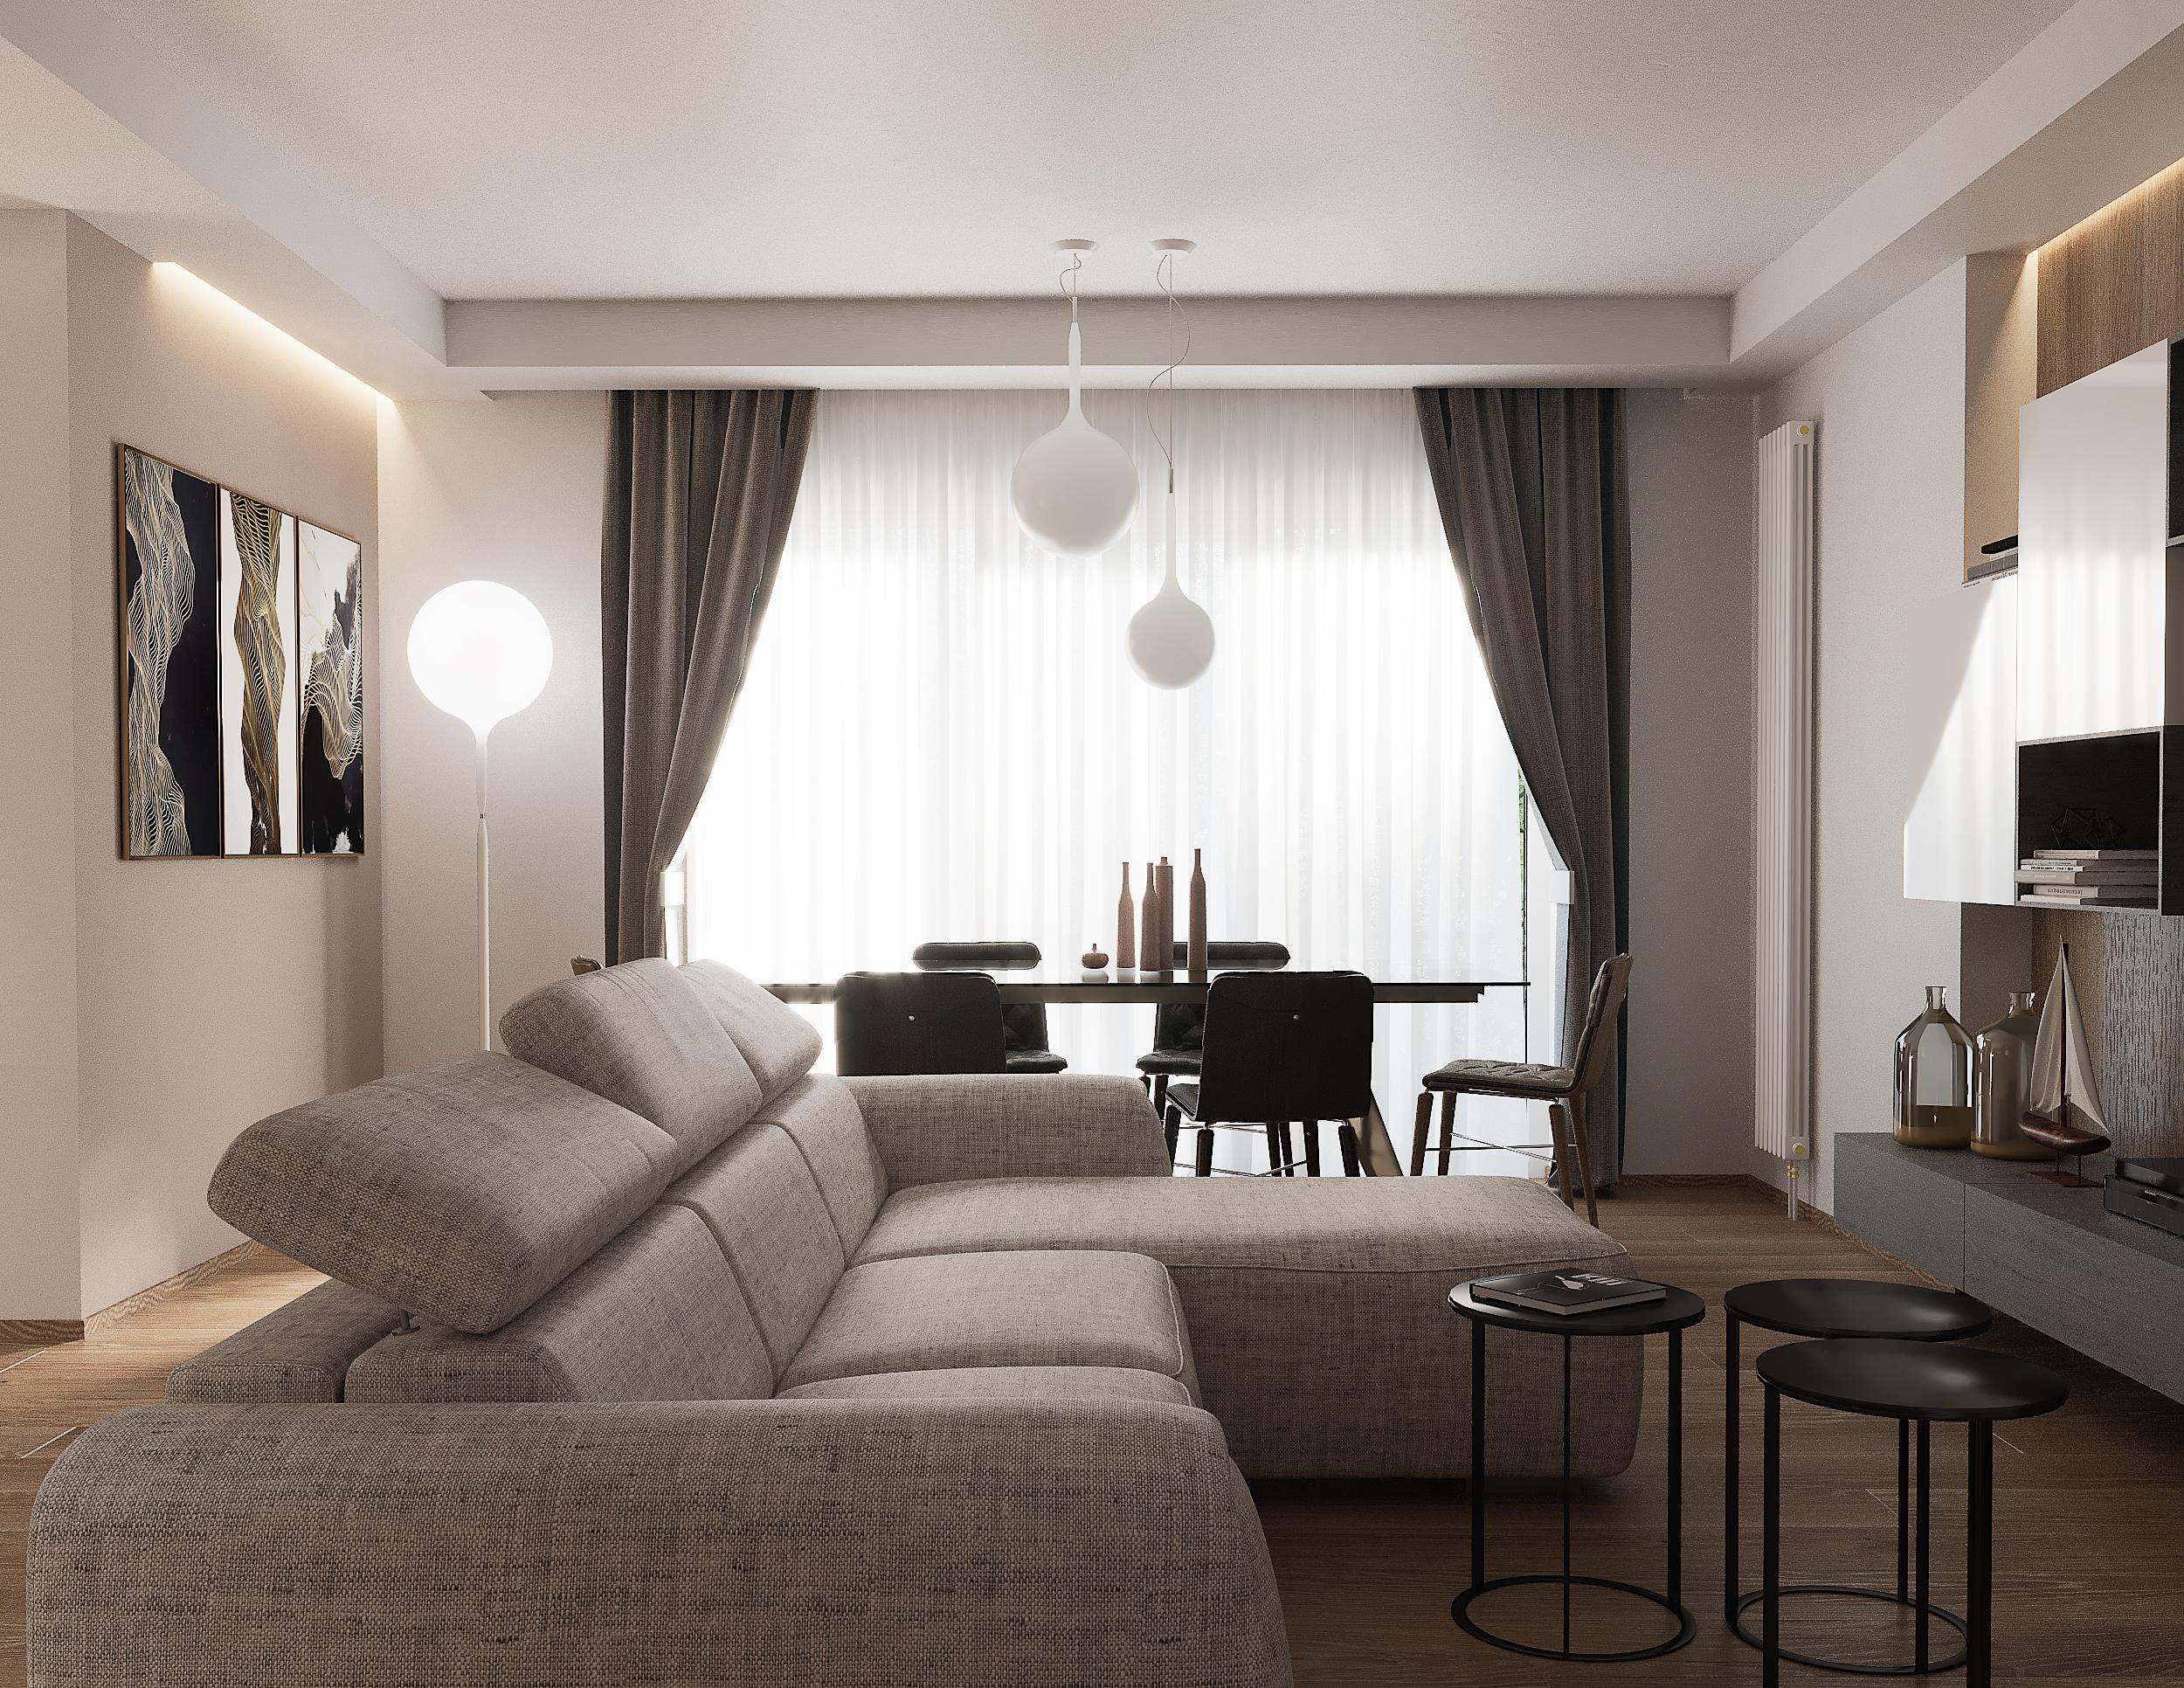 Parcella Architetto Per Ristrutturazione consulenza di interior design: architetto specializzato